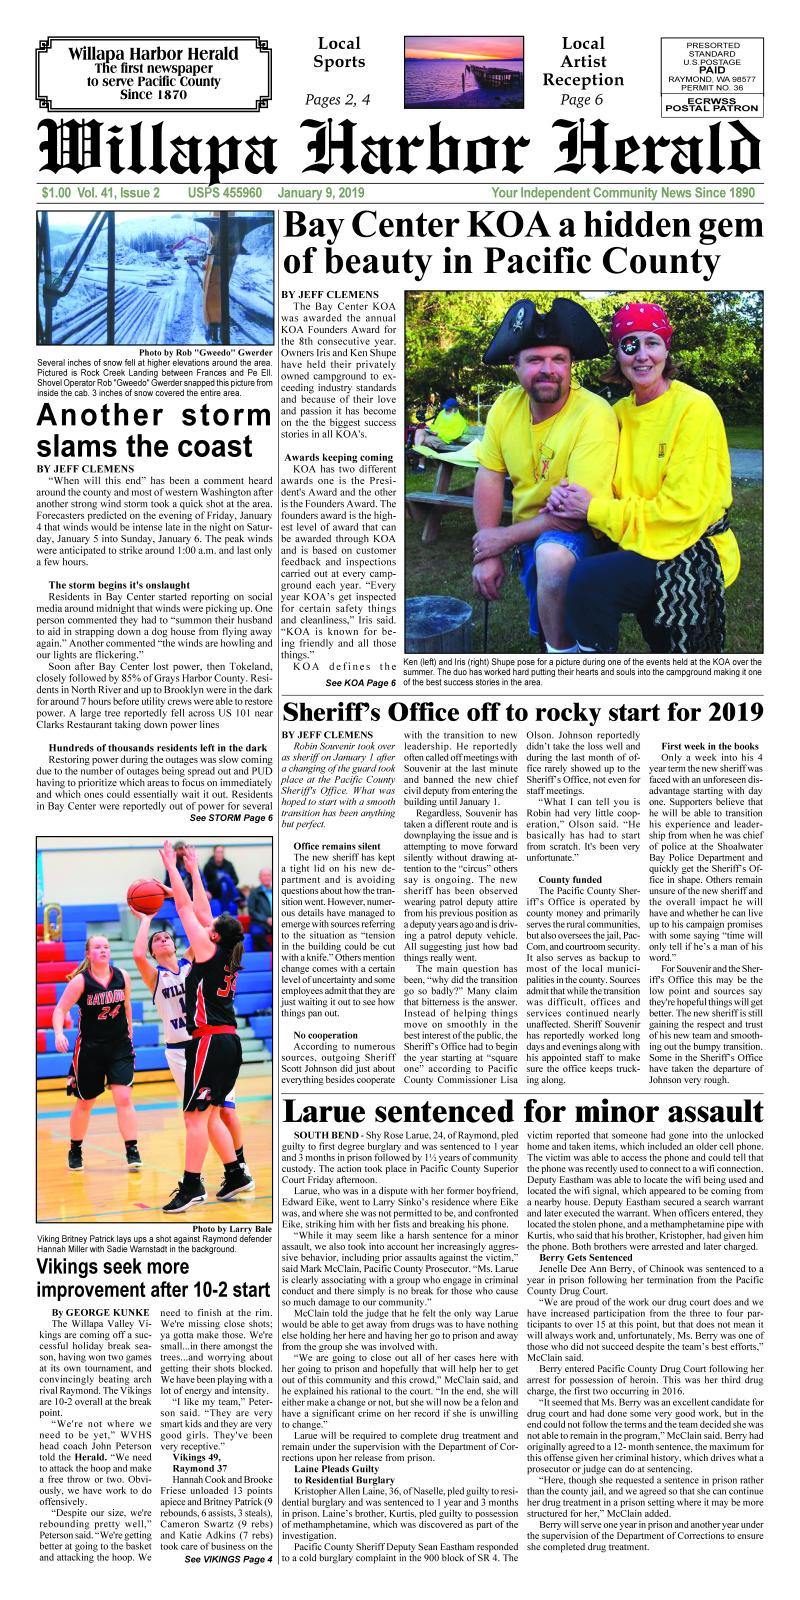 January 9, 2019 Willapa Harbor Herald